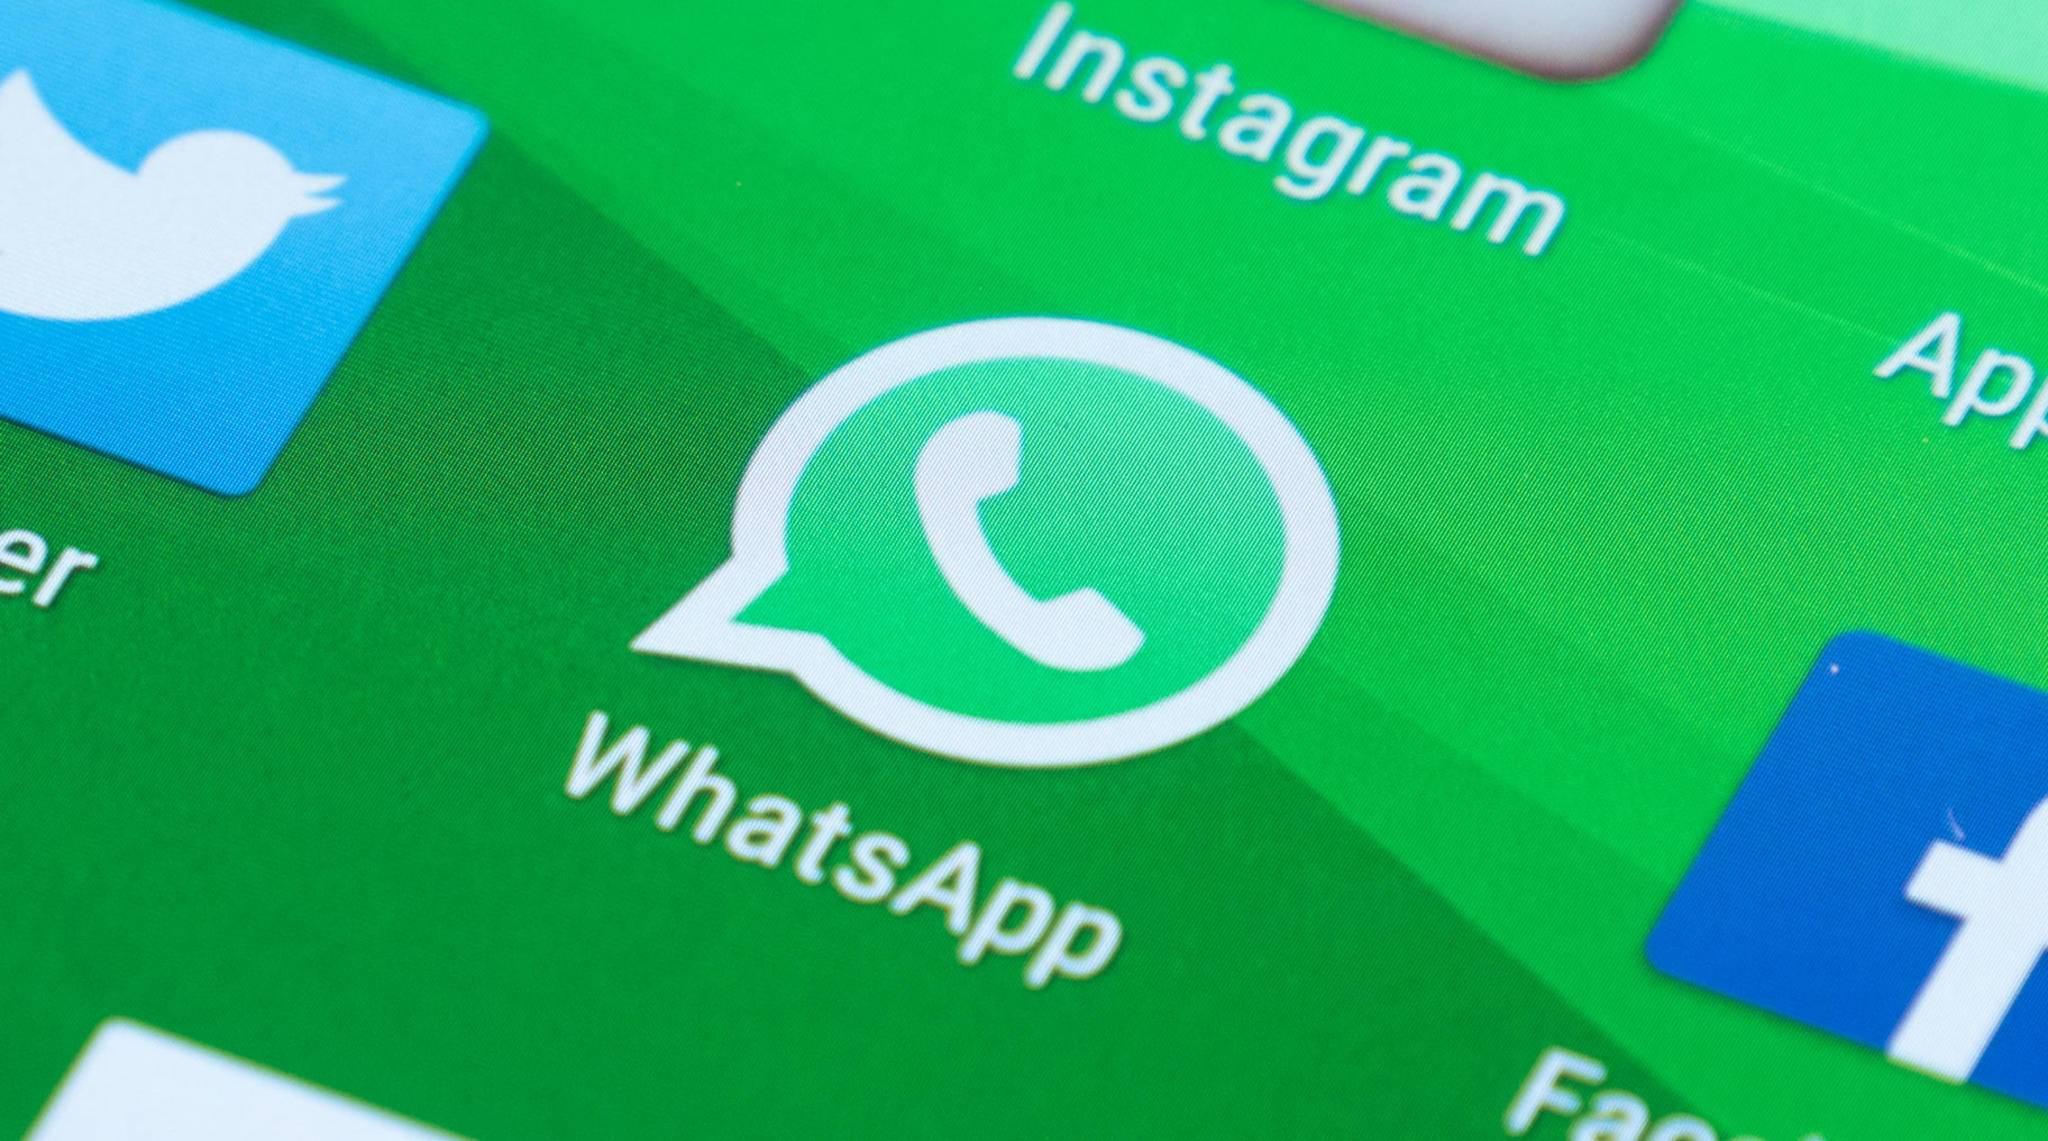 Zusätzliche Sicherheit dank Zwei-Faktor-Authentifizierung in WhatsApp.